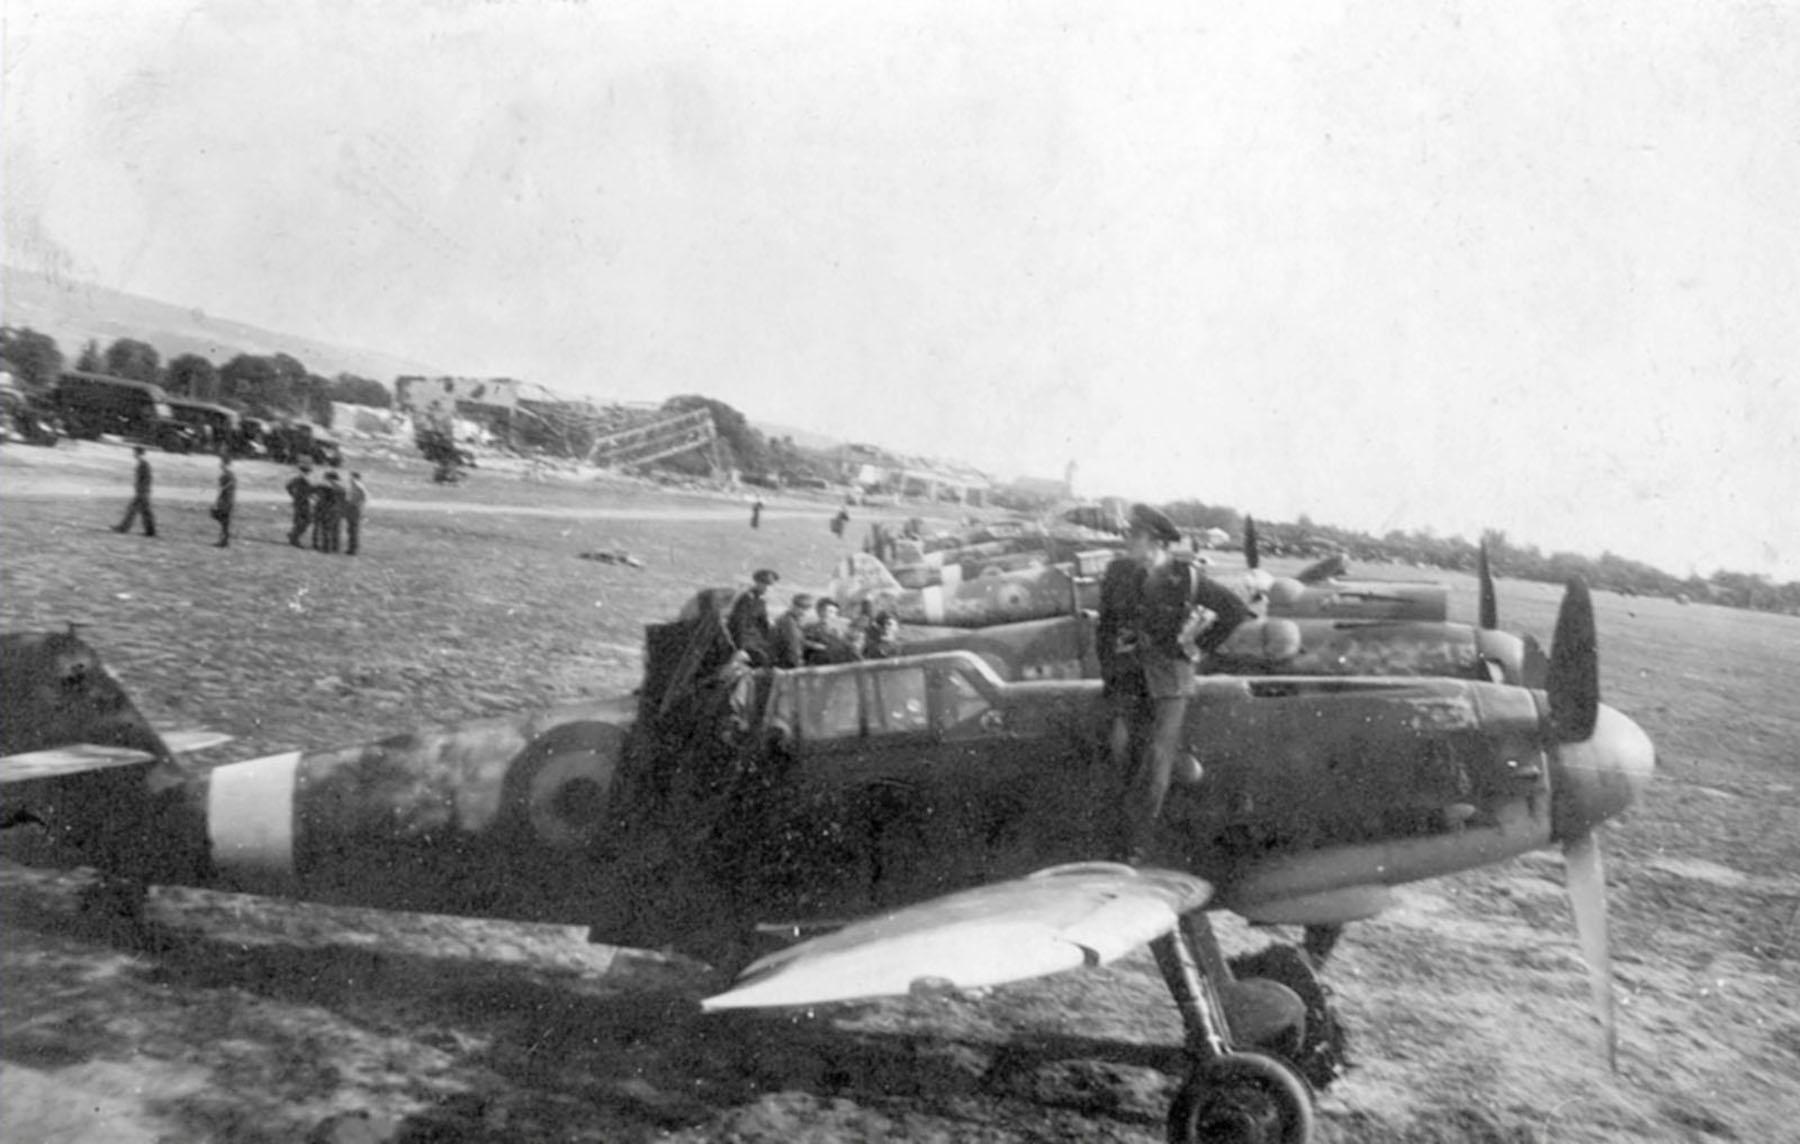 Messerschmitt Bf 109G6 Grupul 9 Bulgaria 1945 01